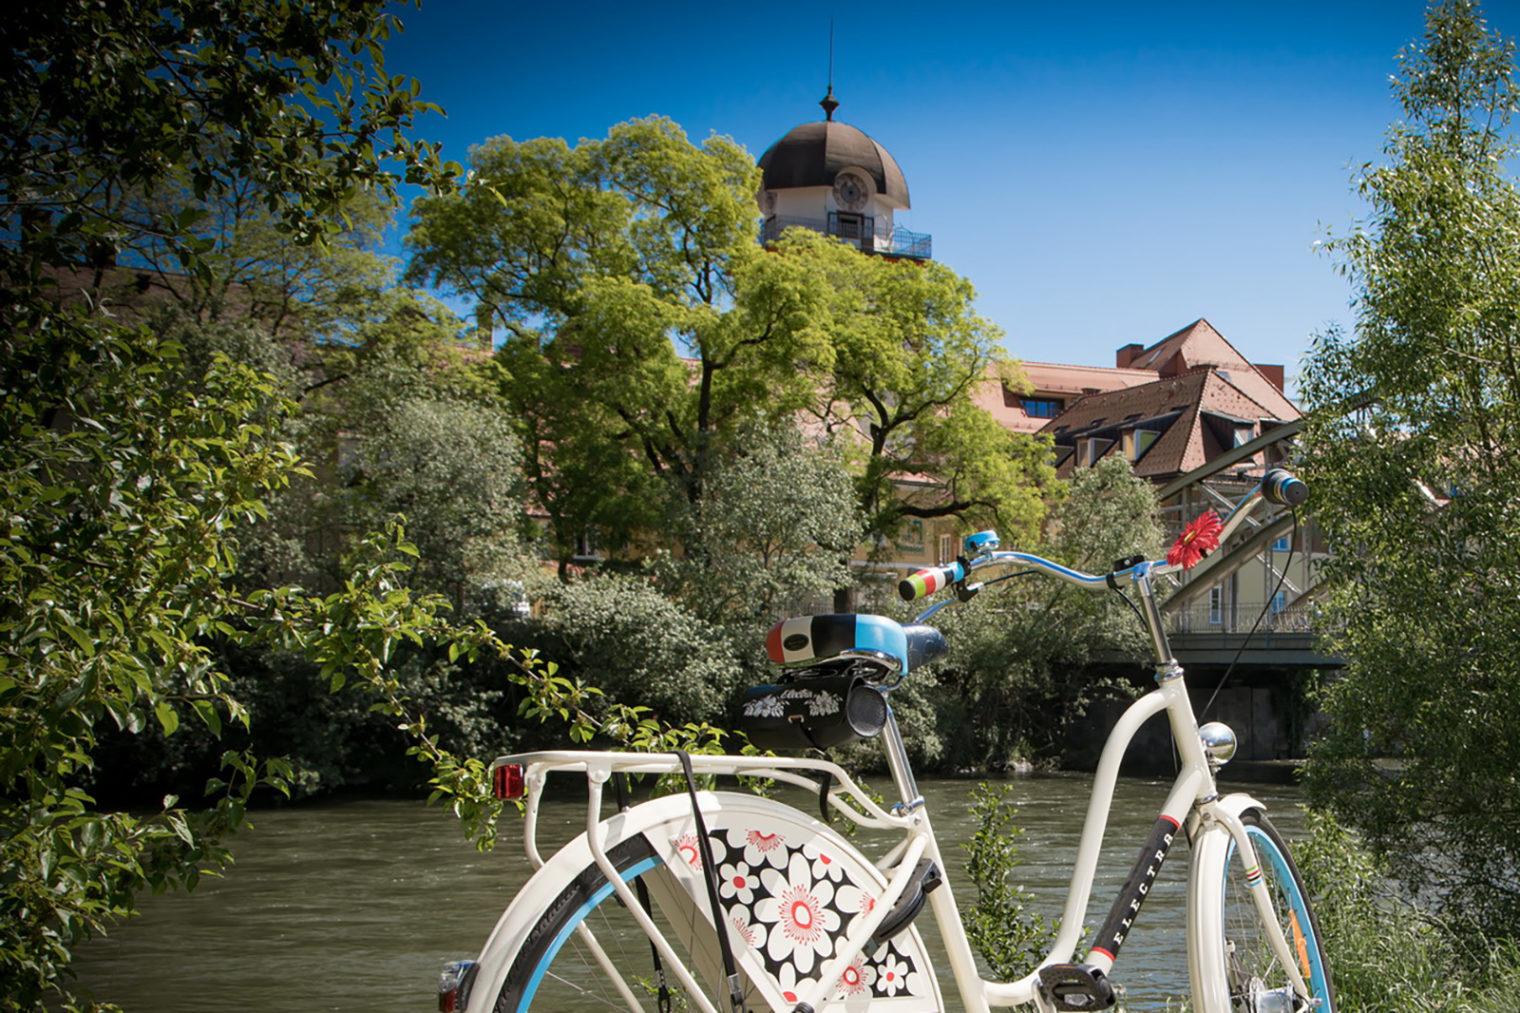 Fahrrad an der Mur in Leoben